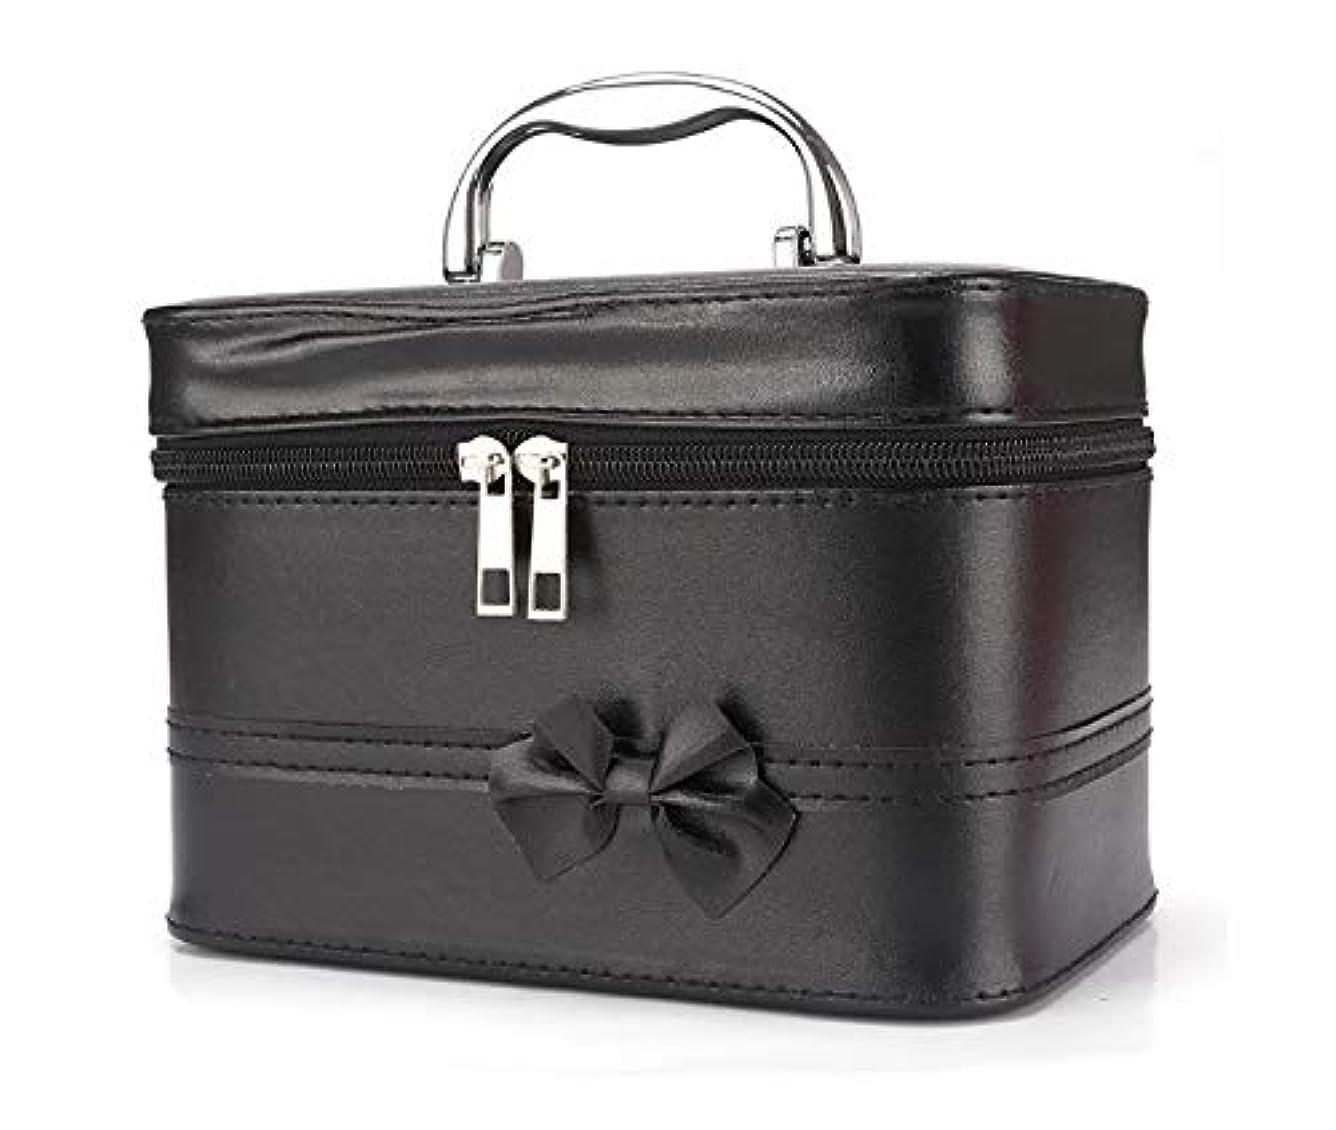 成り立つフレキシブルマークダウン化粧箱、弓スクエアポータブル化粧品袋、ポータブルポータブル旅行化粧品ケース、美容ネイルジュエリー収納ボックス (Color : ブラック)